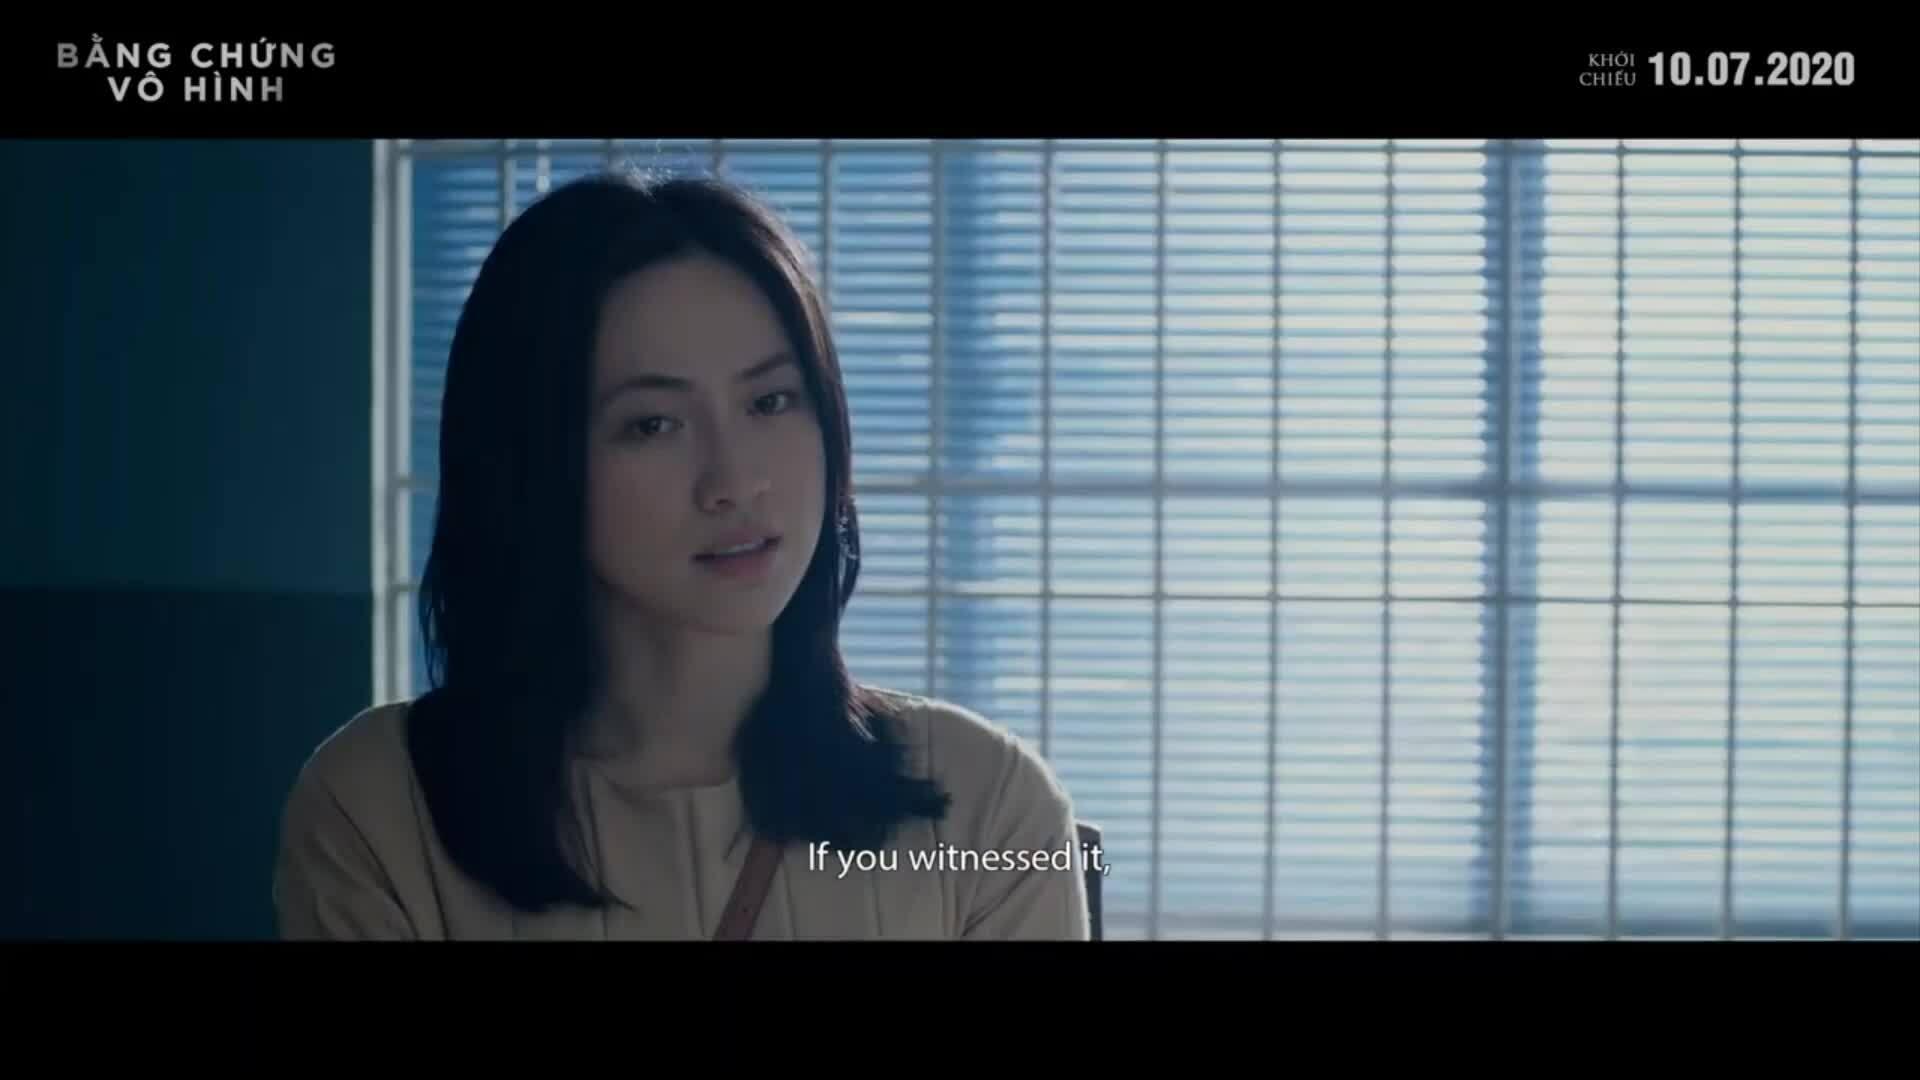 Trailer Bằng chứng vô hình